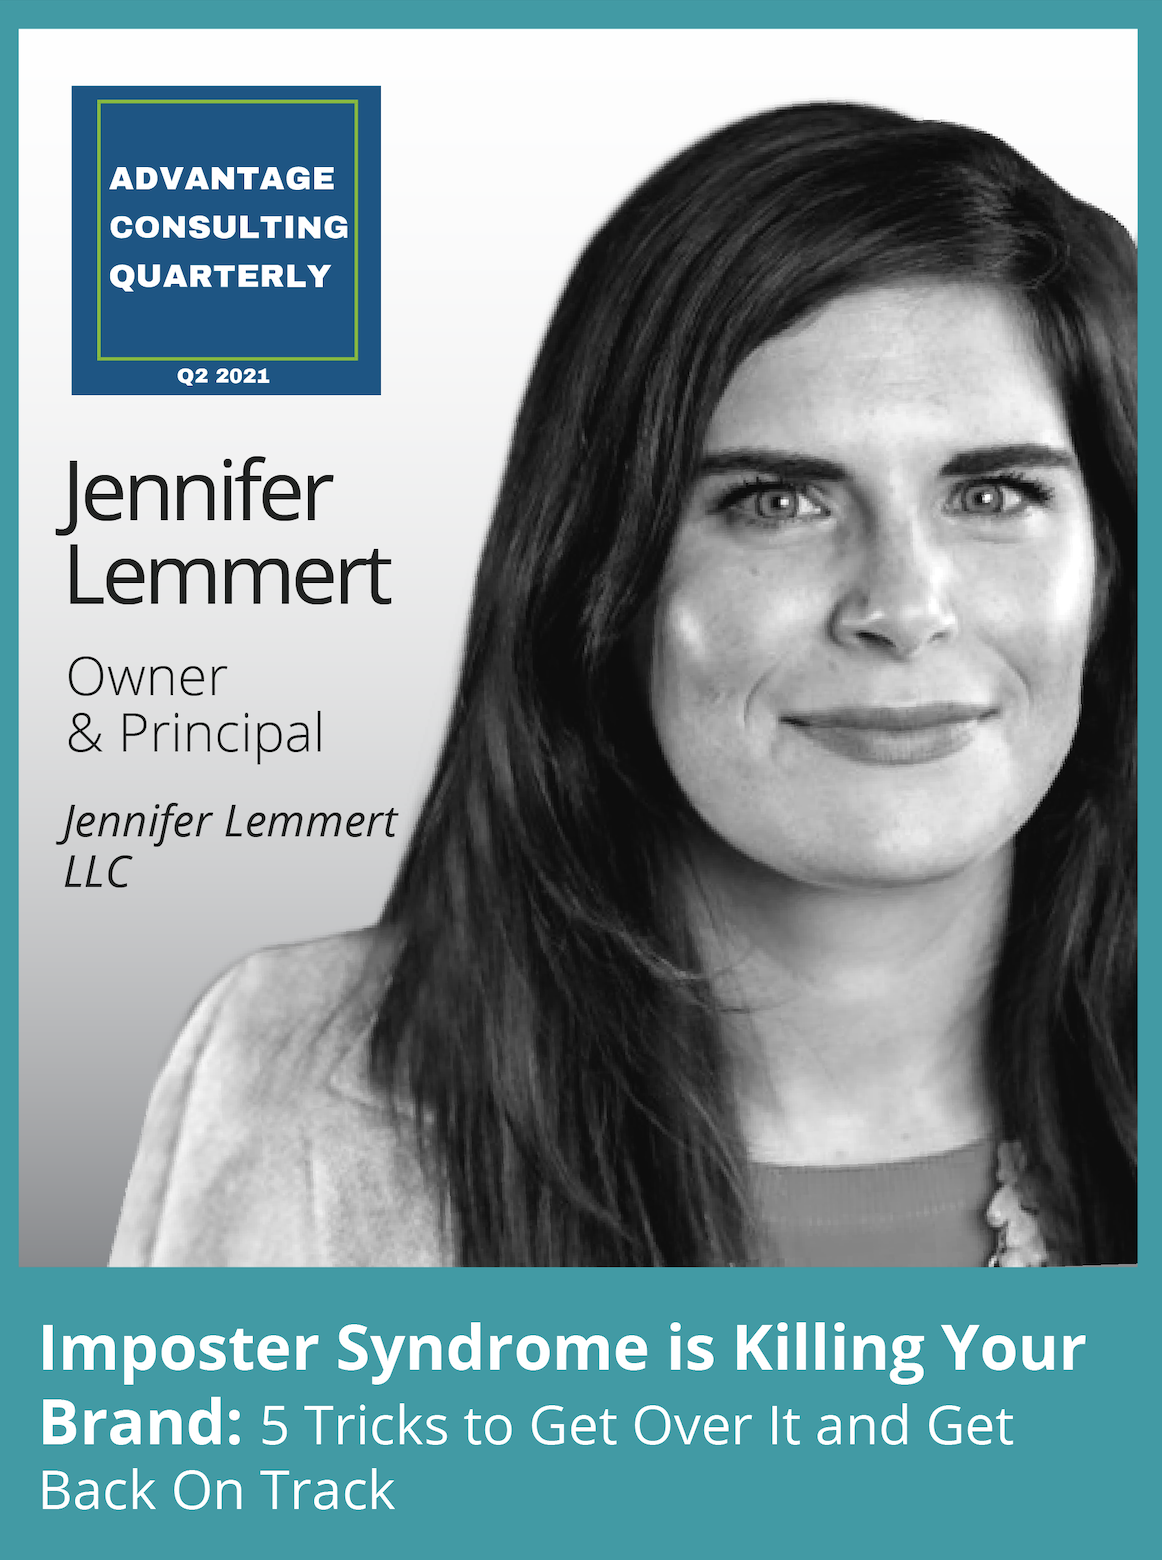 Jennifer Lemmert article